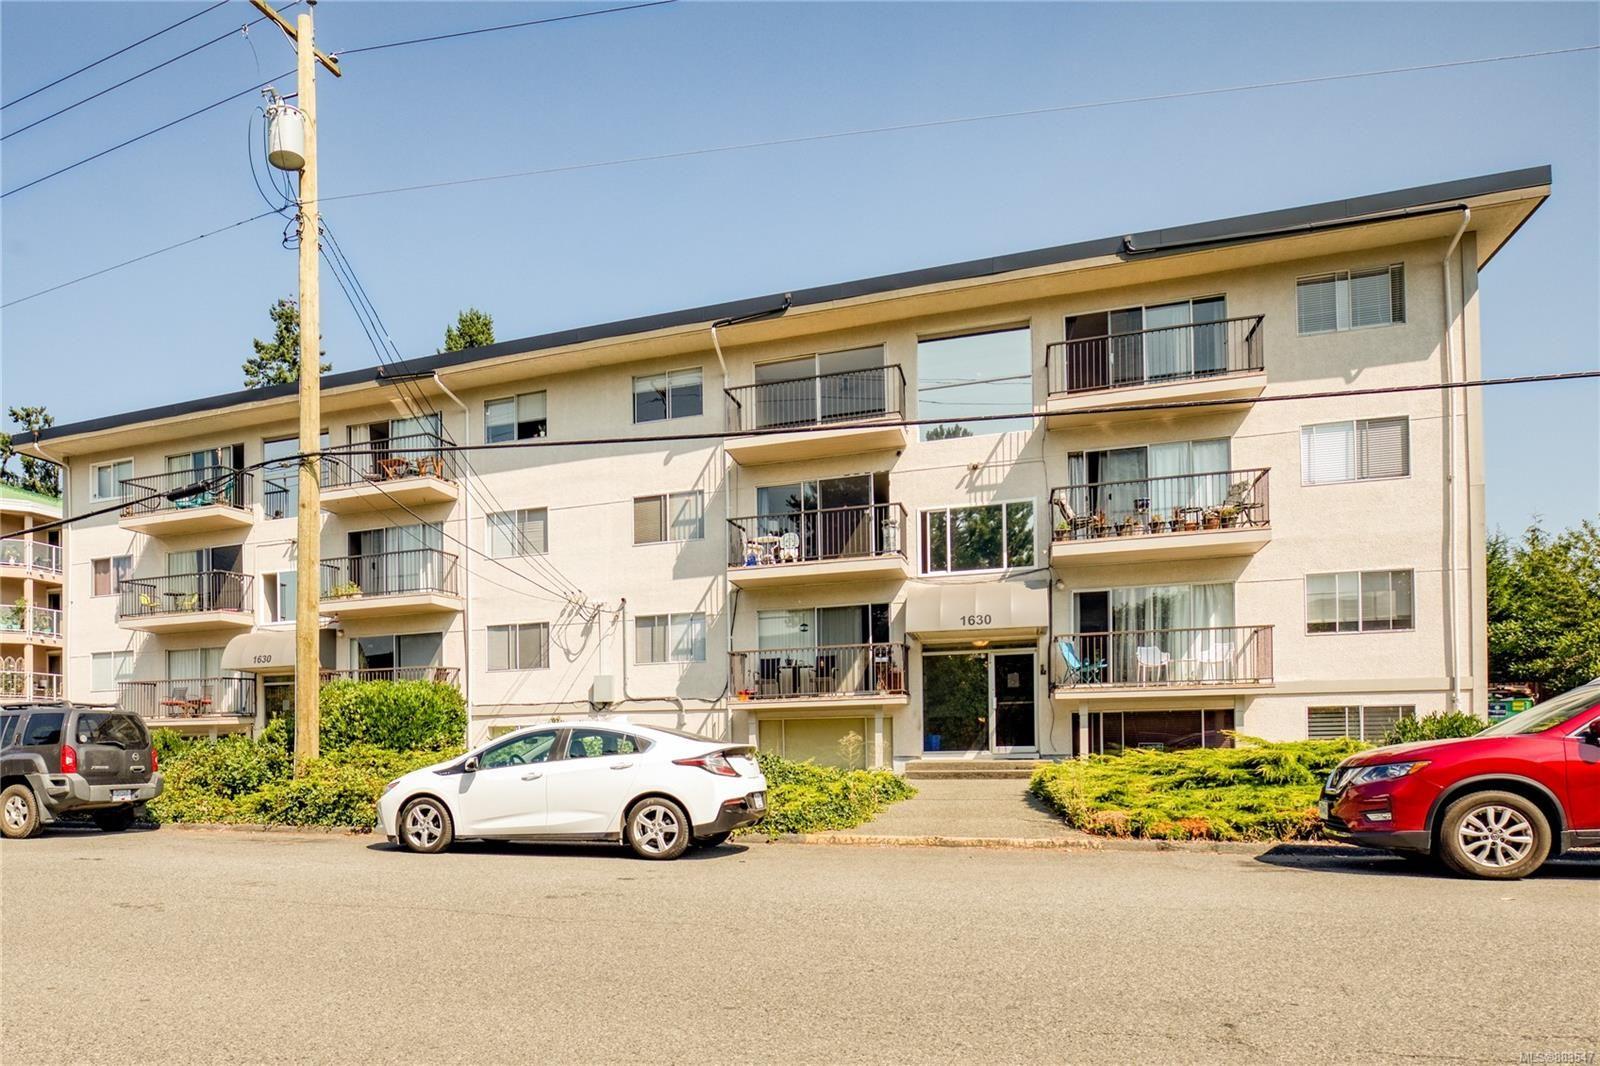 Main Photo: 5 1630 Crescent View Dr in Nanaimo: Na Central Nanaimo Condo for sale : MLS®# 883547